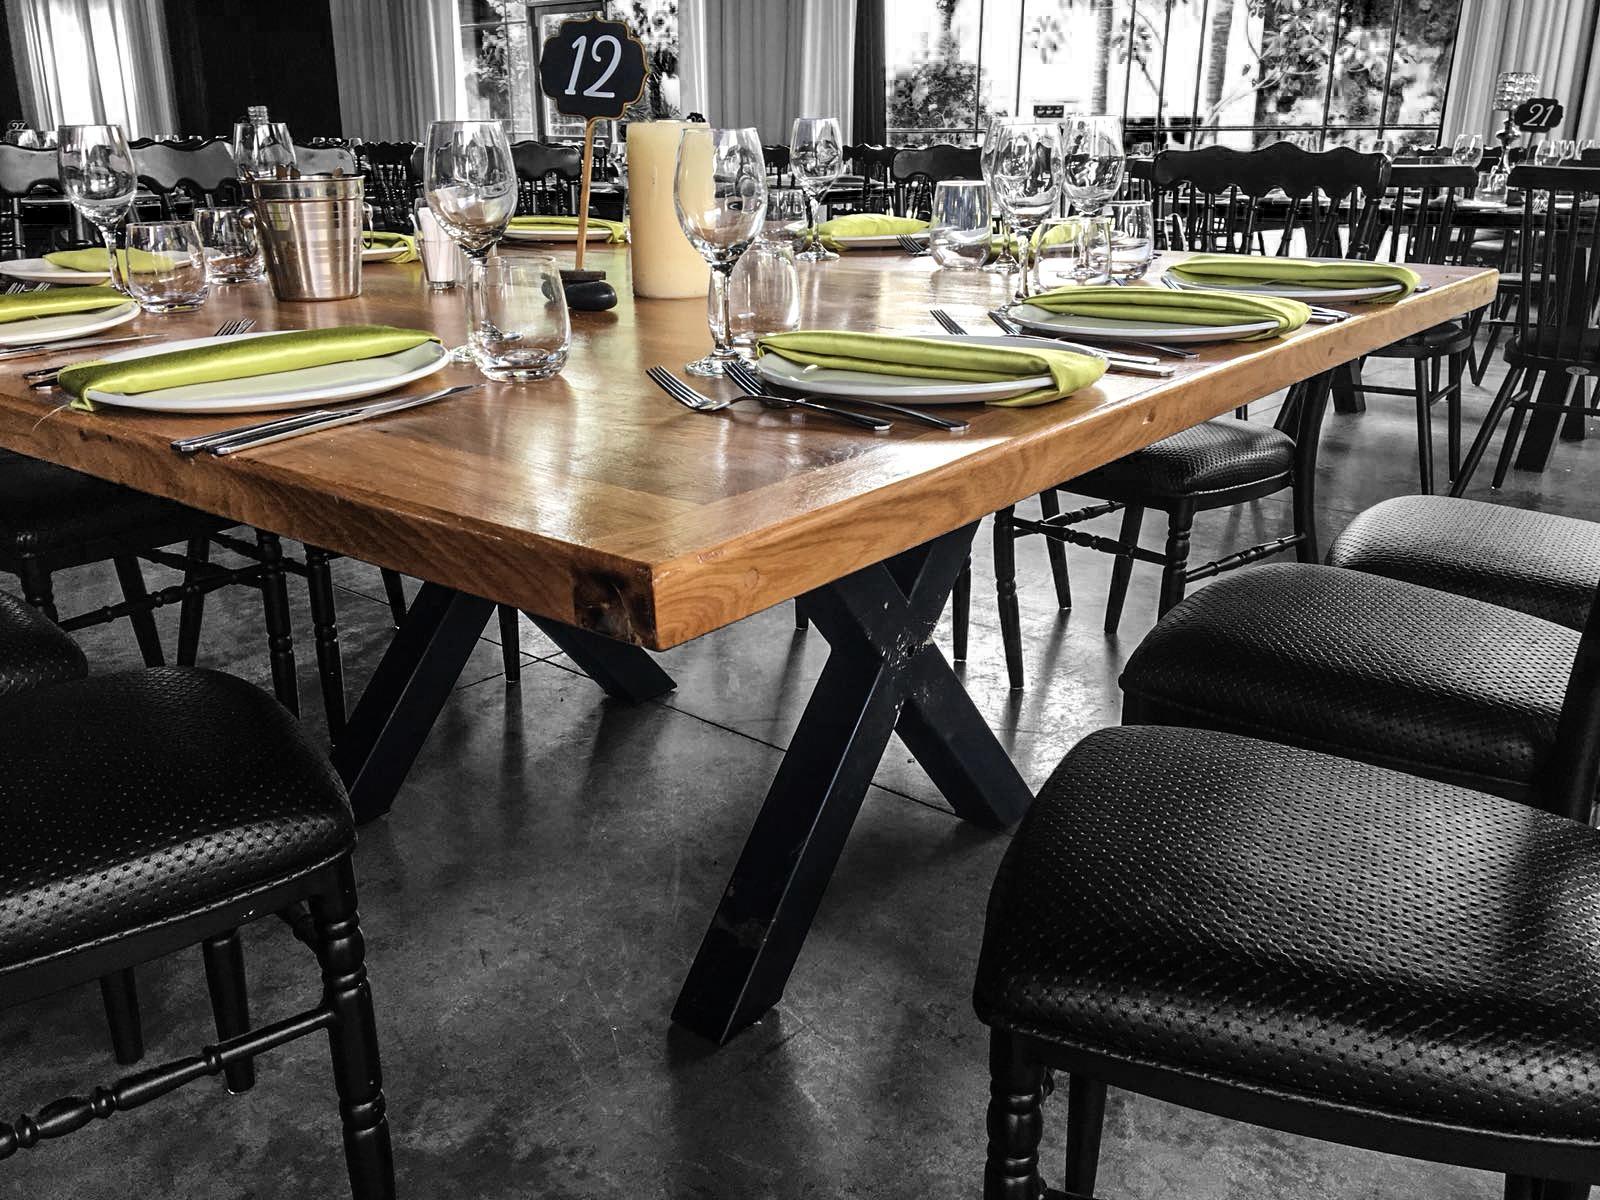 שולחן עץ למסעדה, שולחנות עץ למסעדה